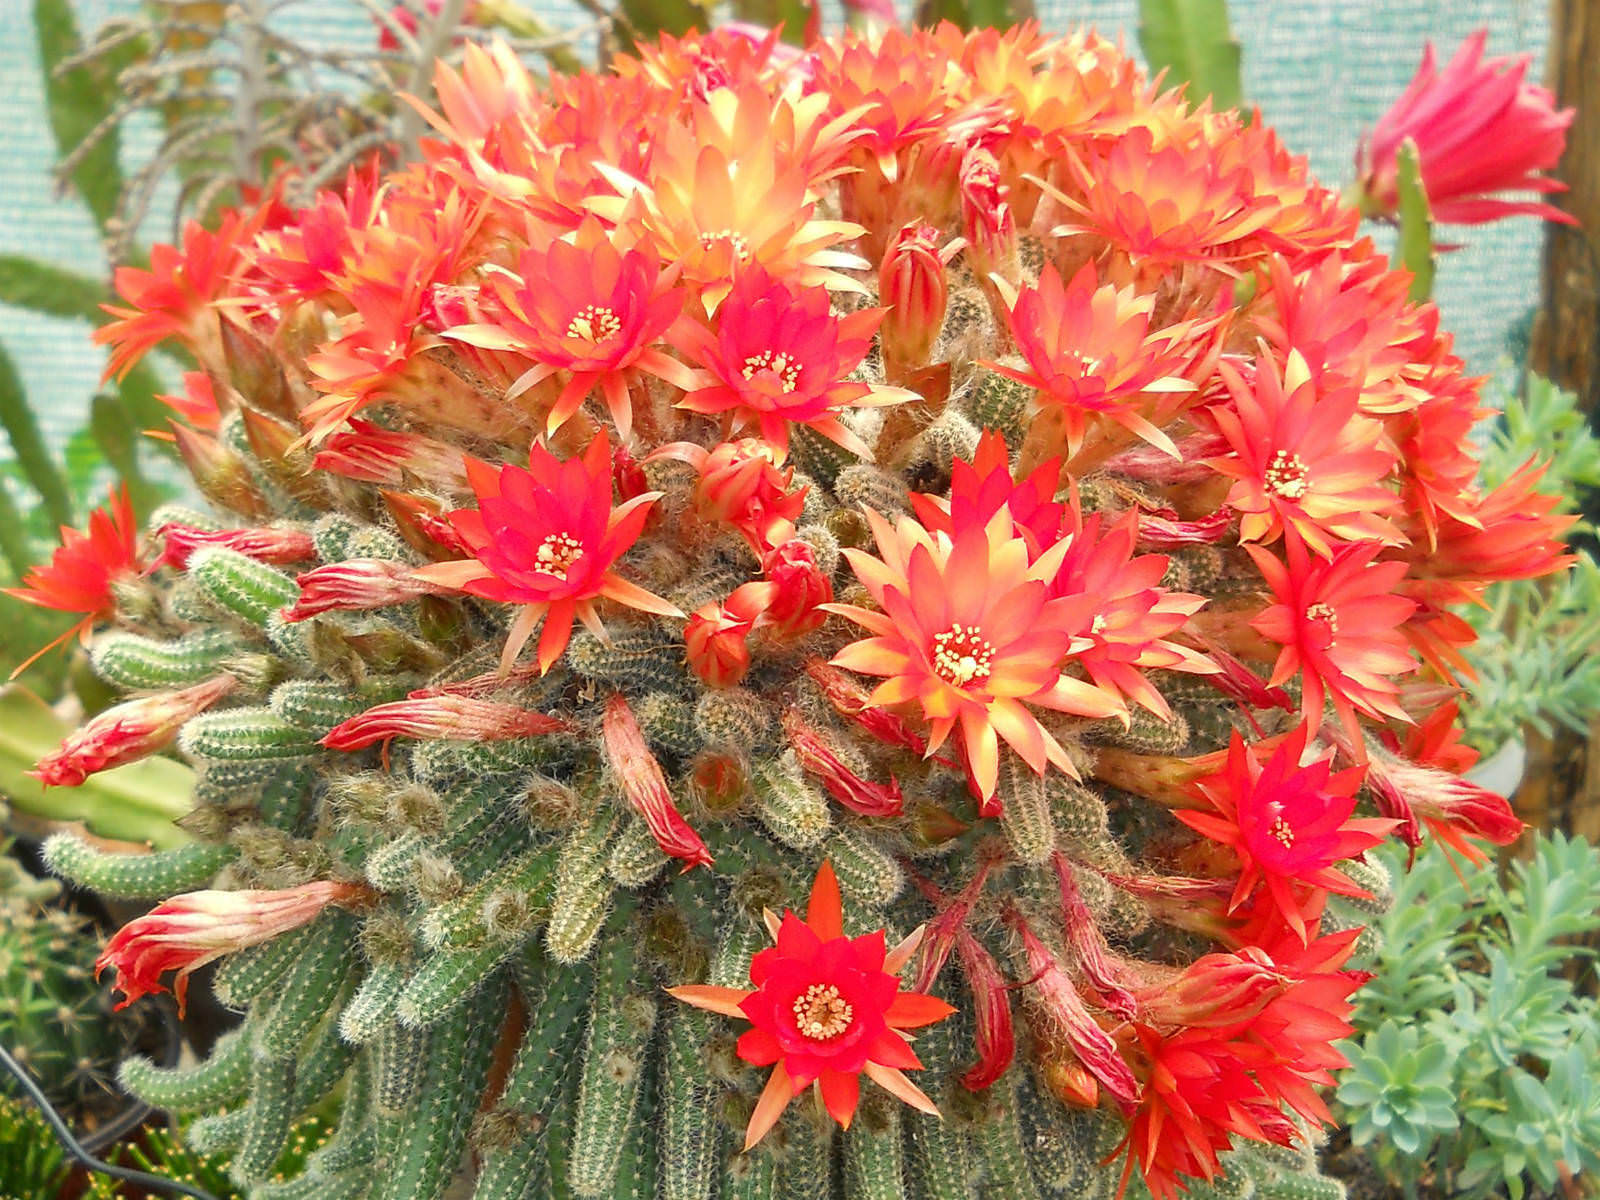 Echinopsis chamaecereus Peanut Cactus